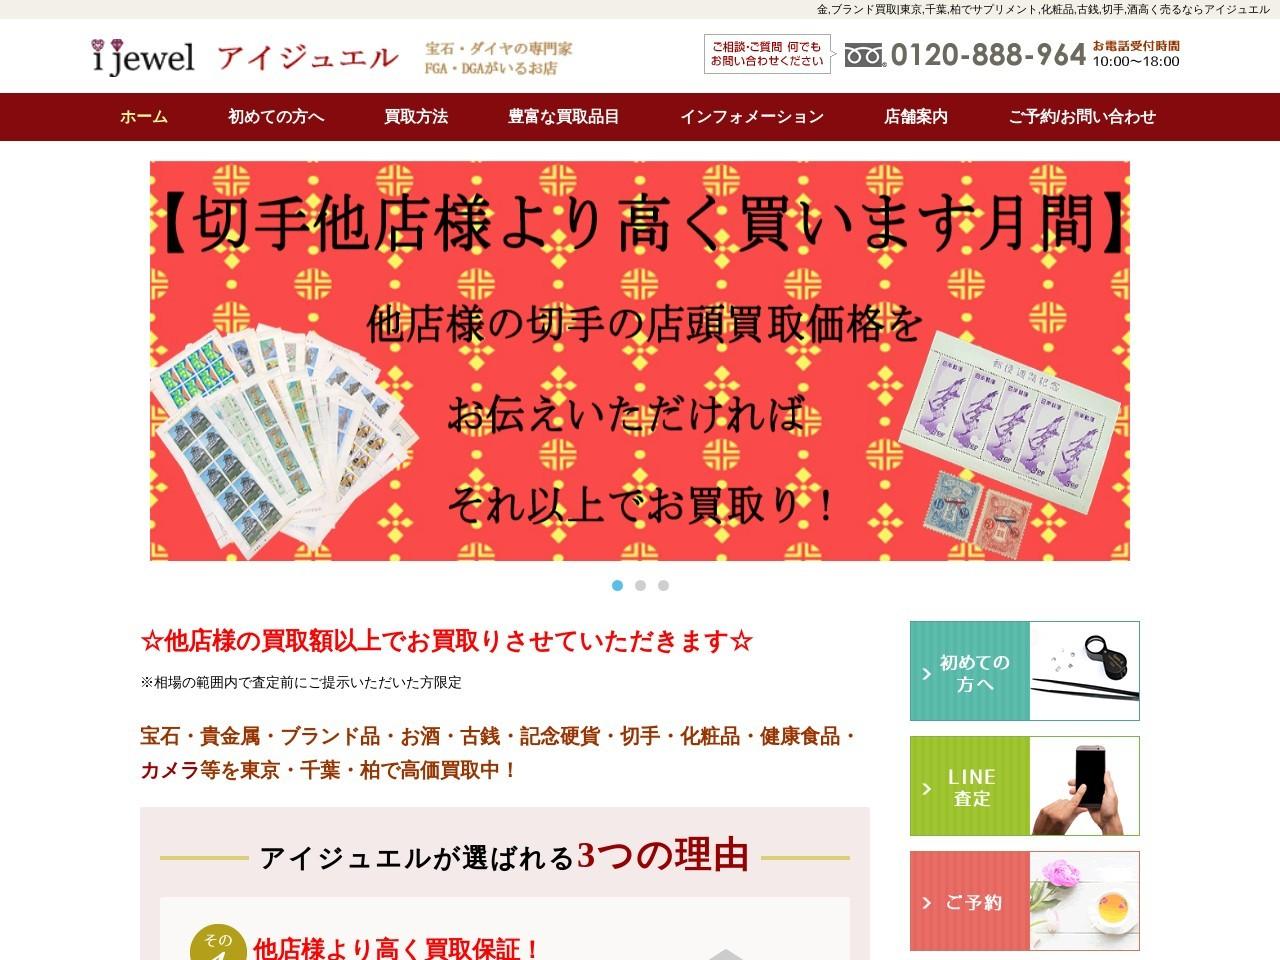 金,ブランド買取|東京,千葉,柏で古銭,切手,酒売るならアイジュエル